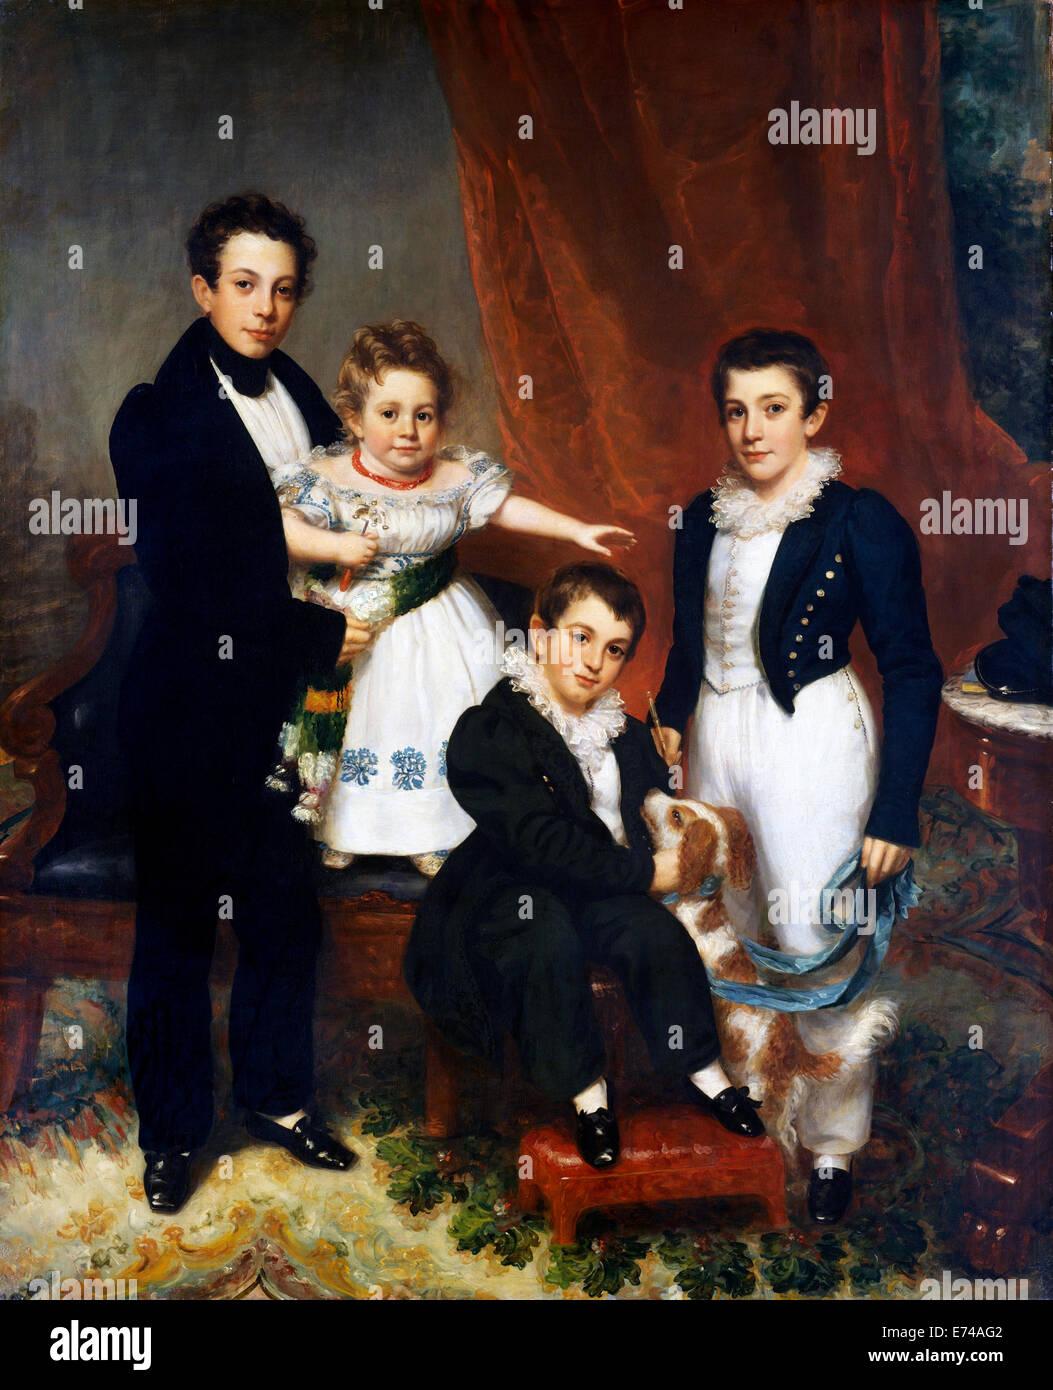 The Knapp Children - by Samuel Lovett Waldo, 1834 - Stock Image